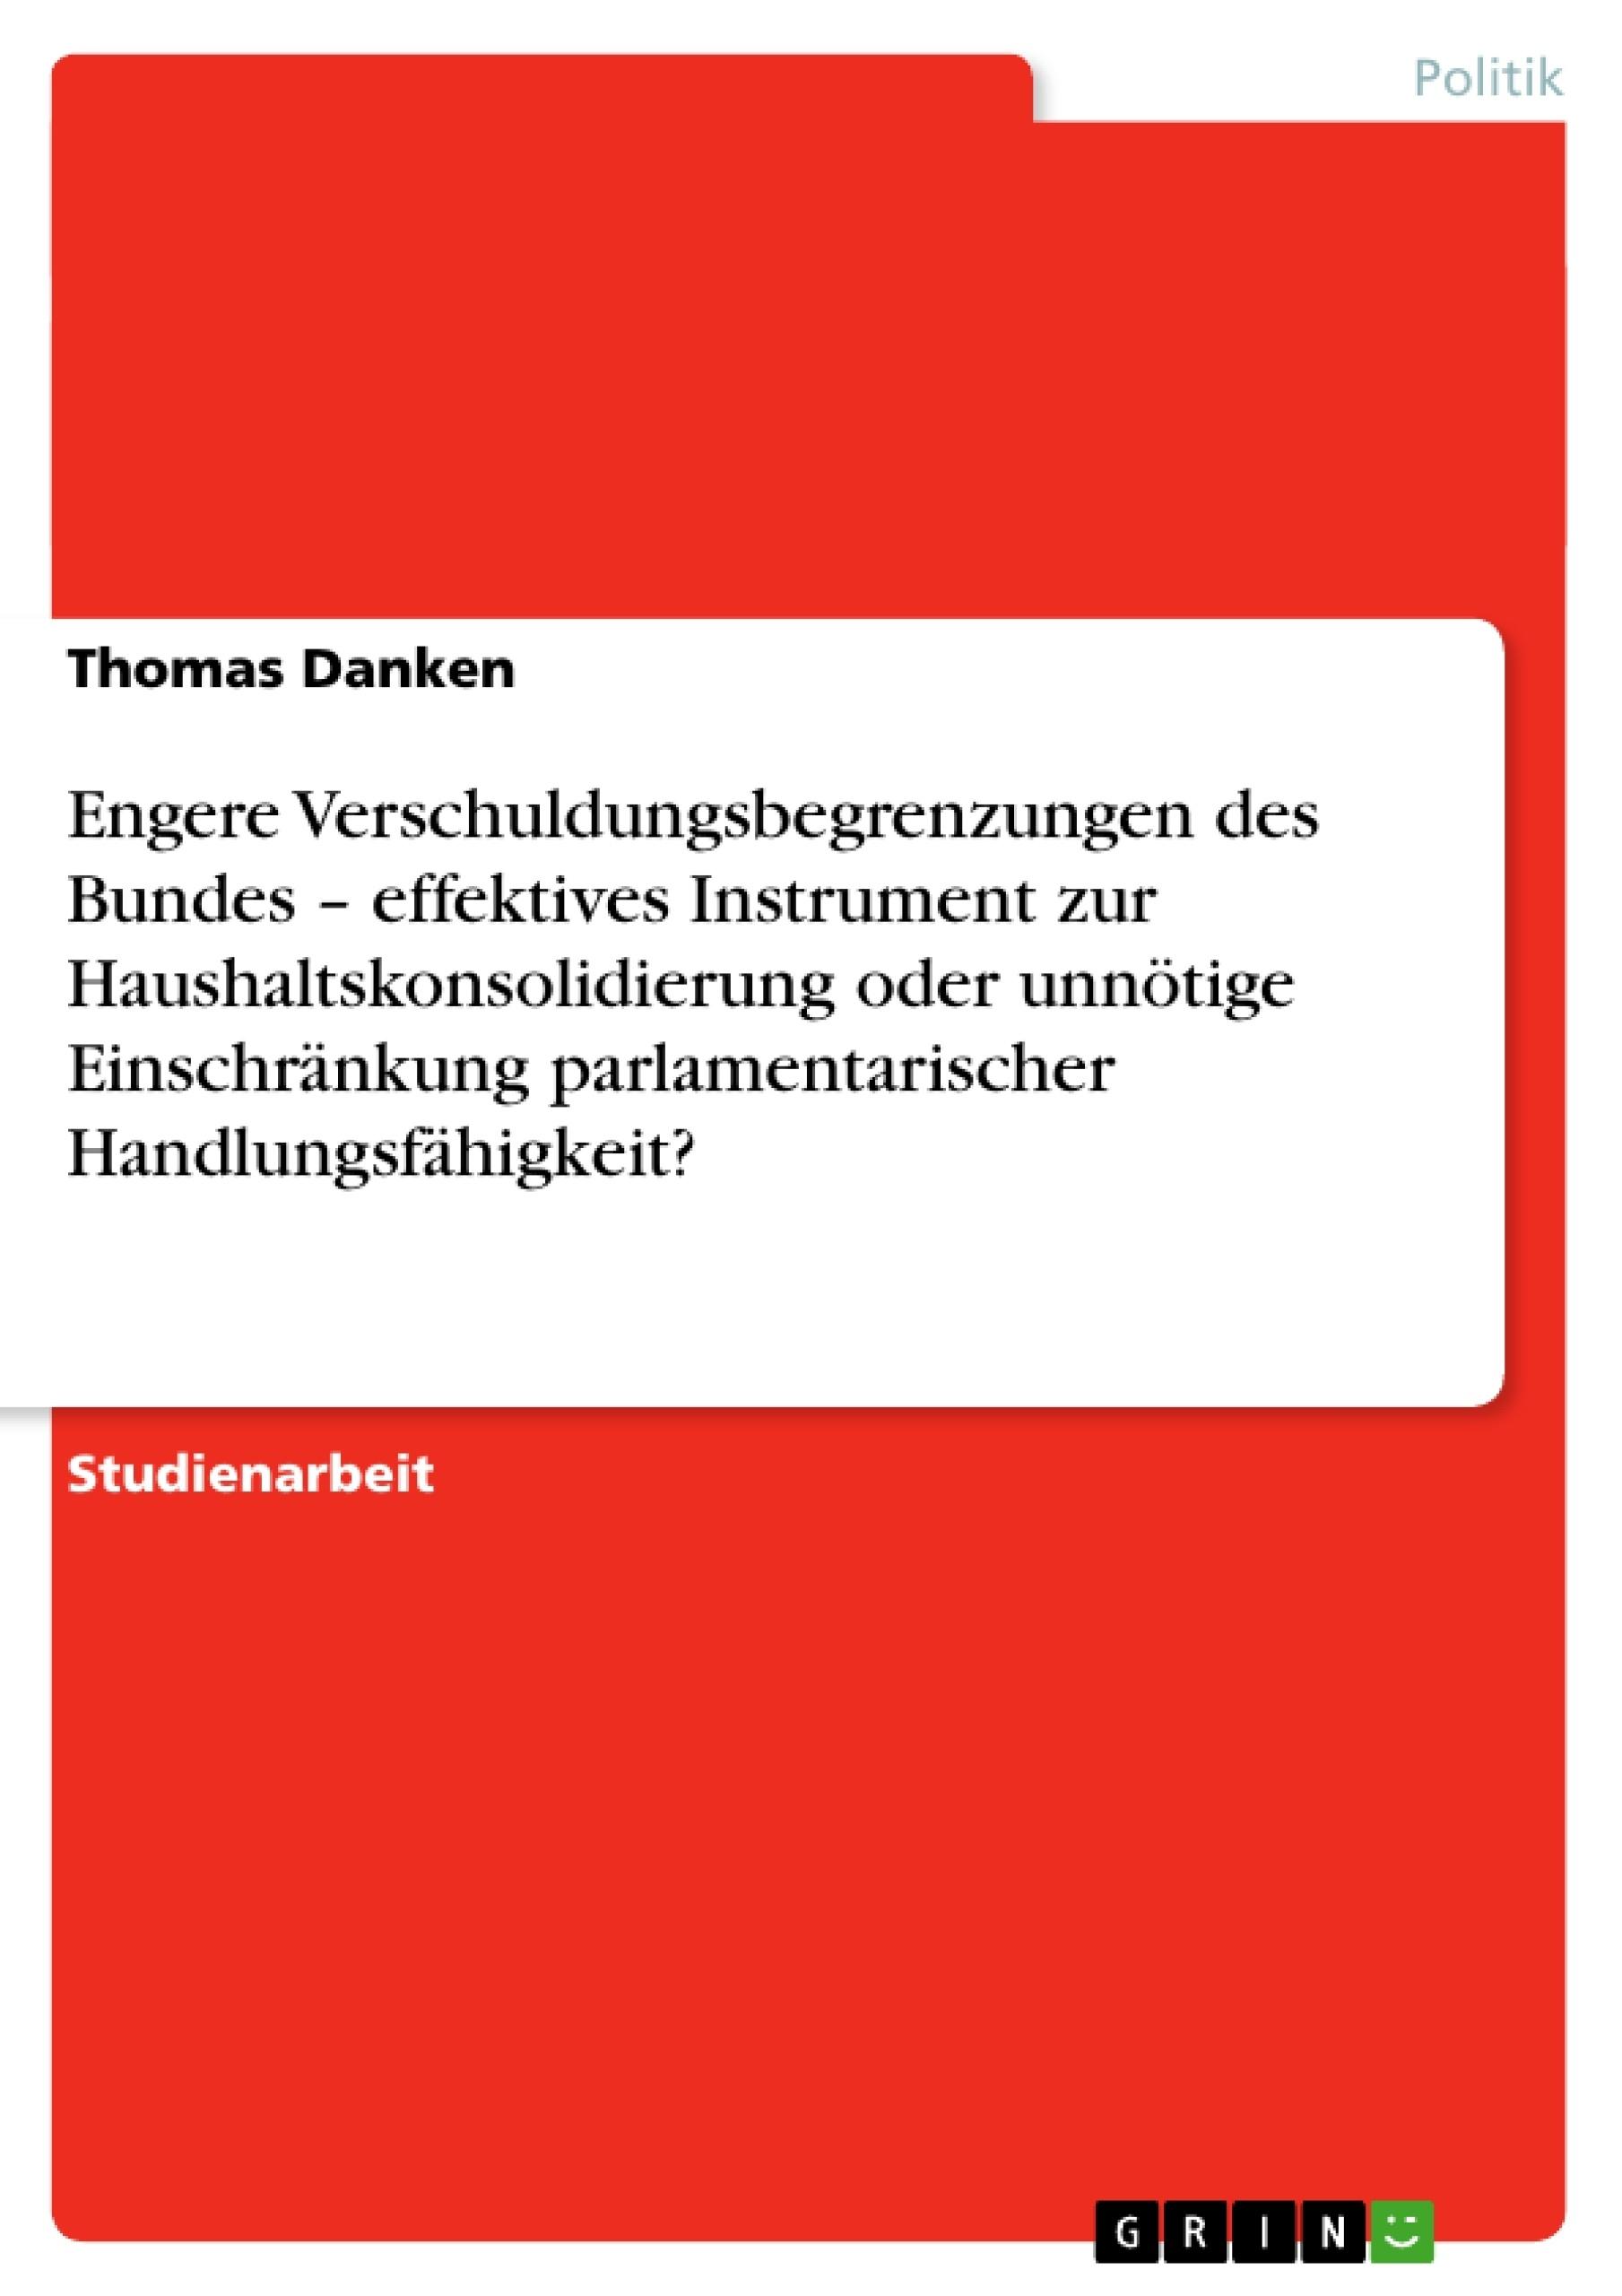 Titel: Engere Verschuldungsbegrenzungen des  Bundes – effektives Instrument zur  Haushaltskonsolidierung oder unnötige  Einschränkung parlamentarischer  Handlungsfähigkeit?